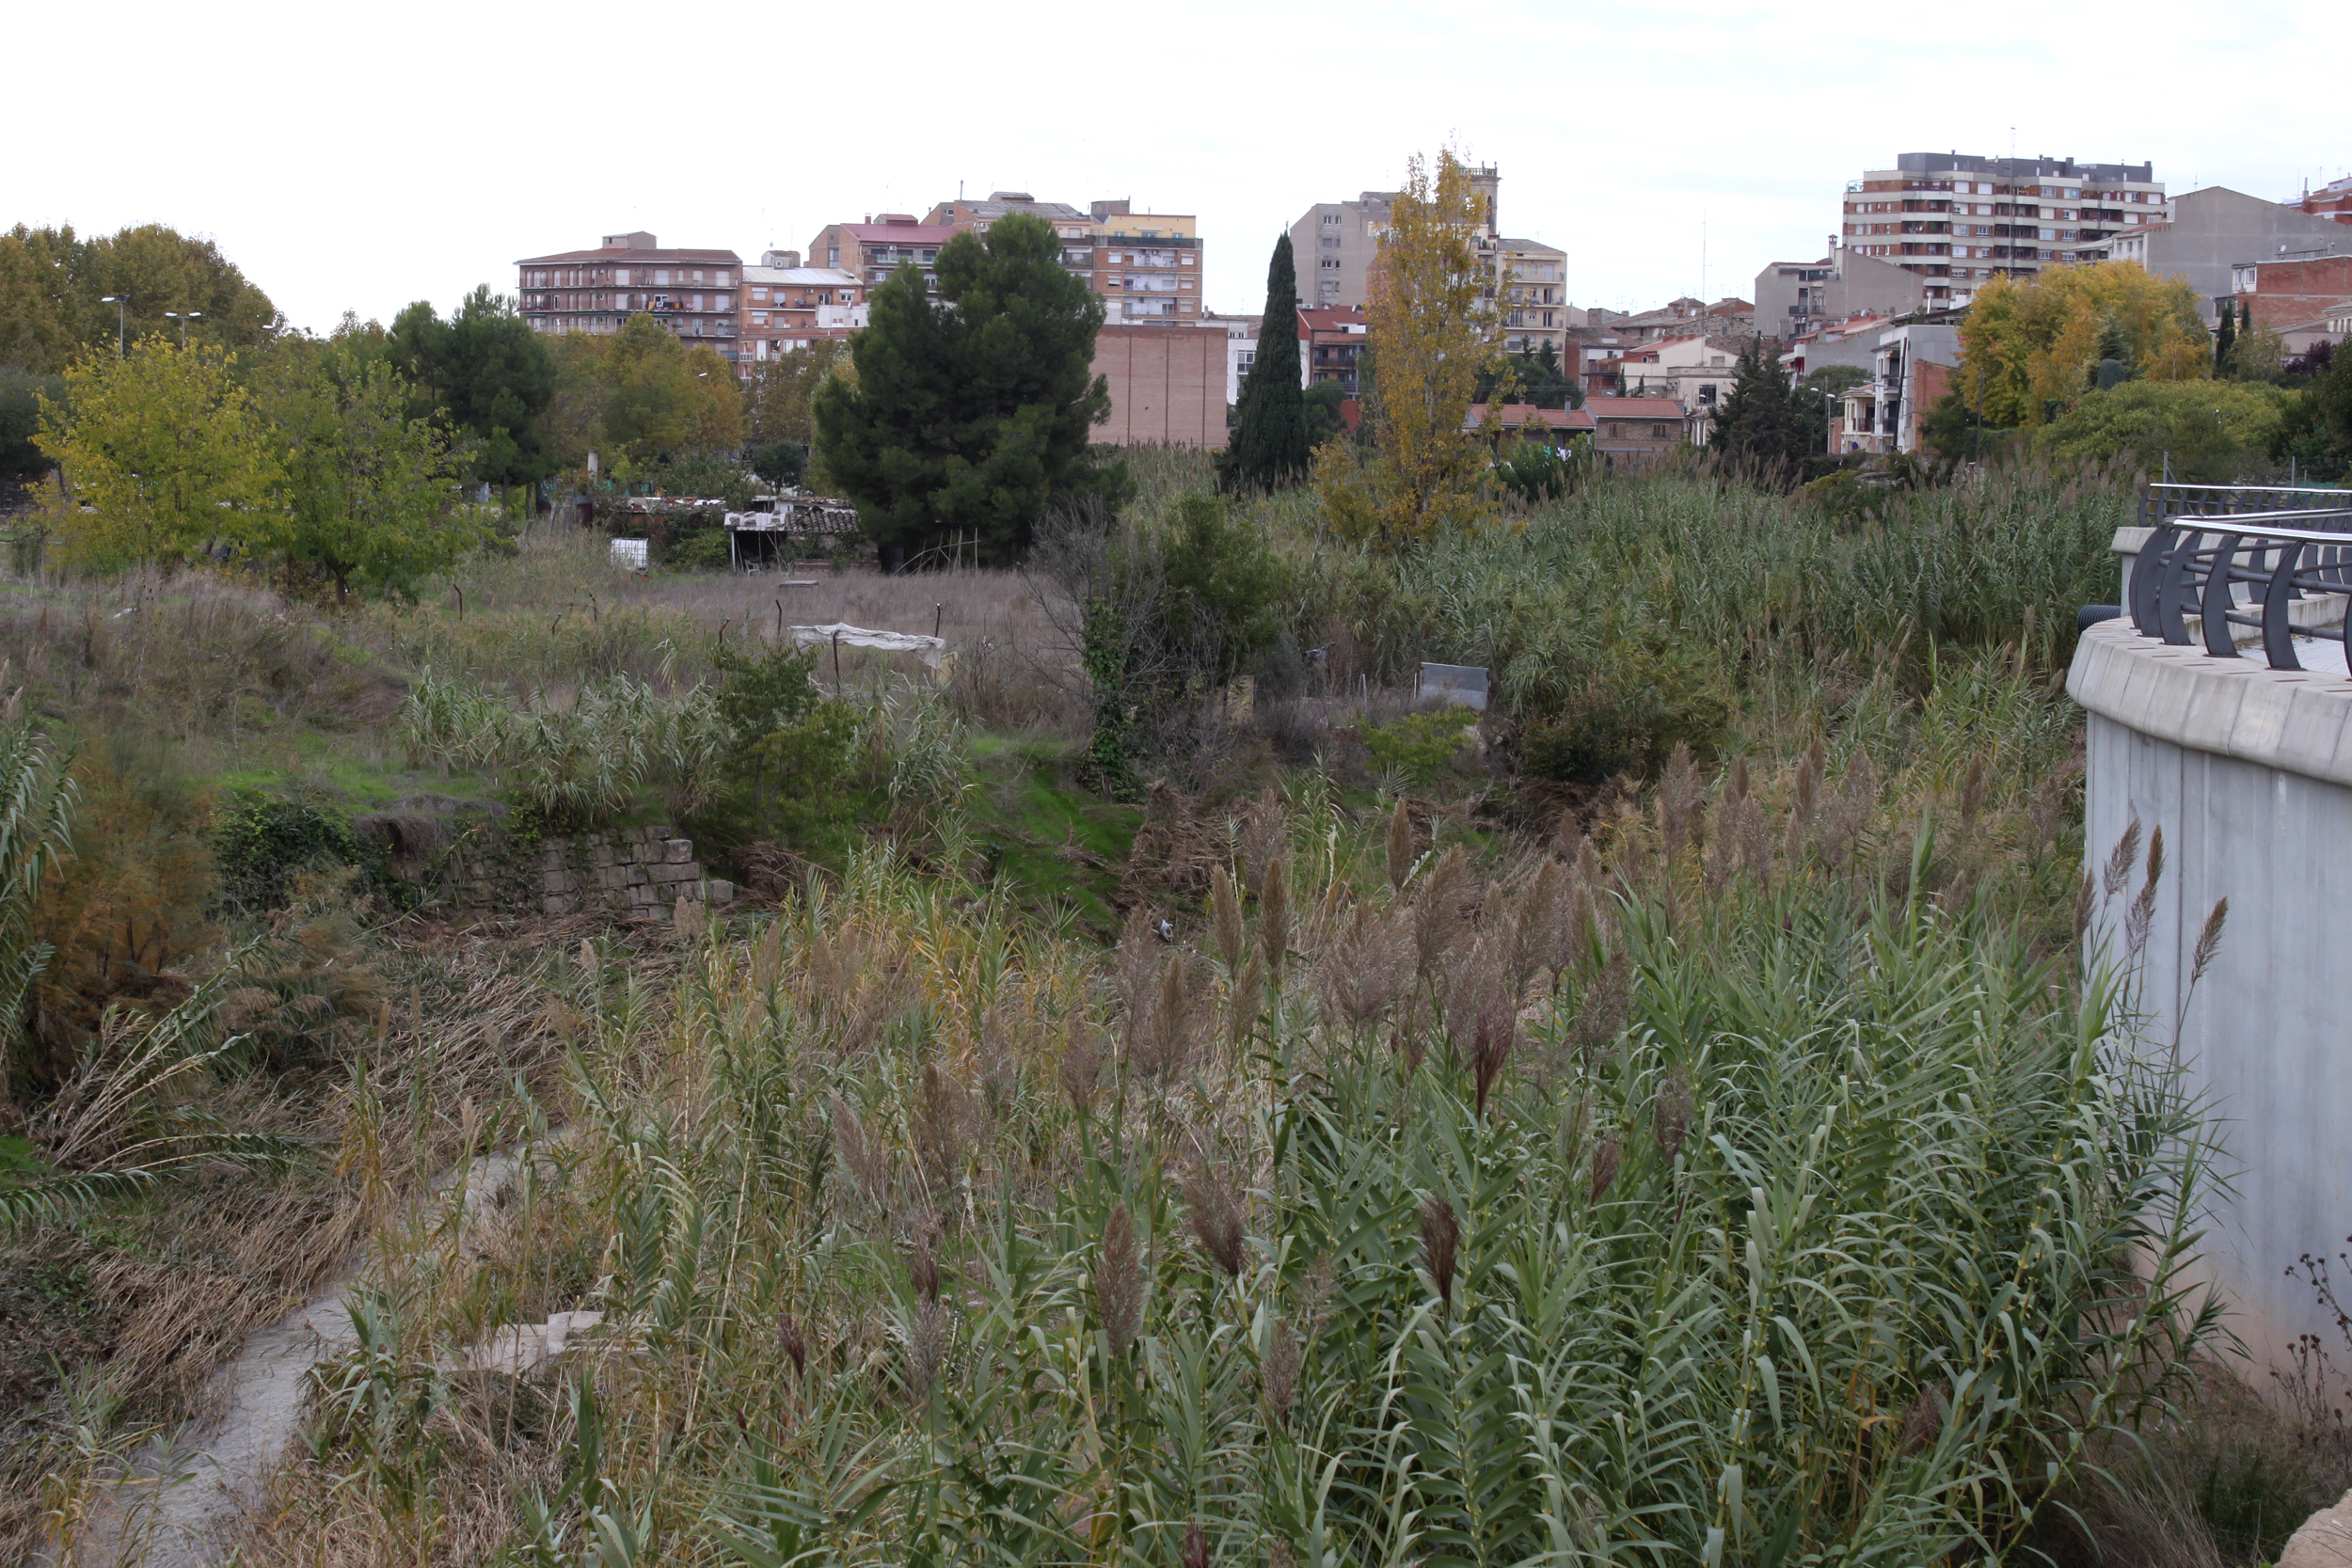 L'Ajuntament de Tàrrega finalitza l'expropiació d'horts vora el riu Ondara i licitarà les obres per convertir l'espai en zona de passeig